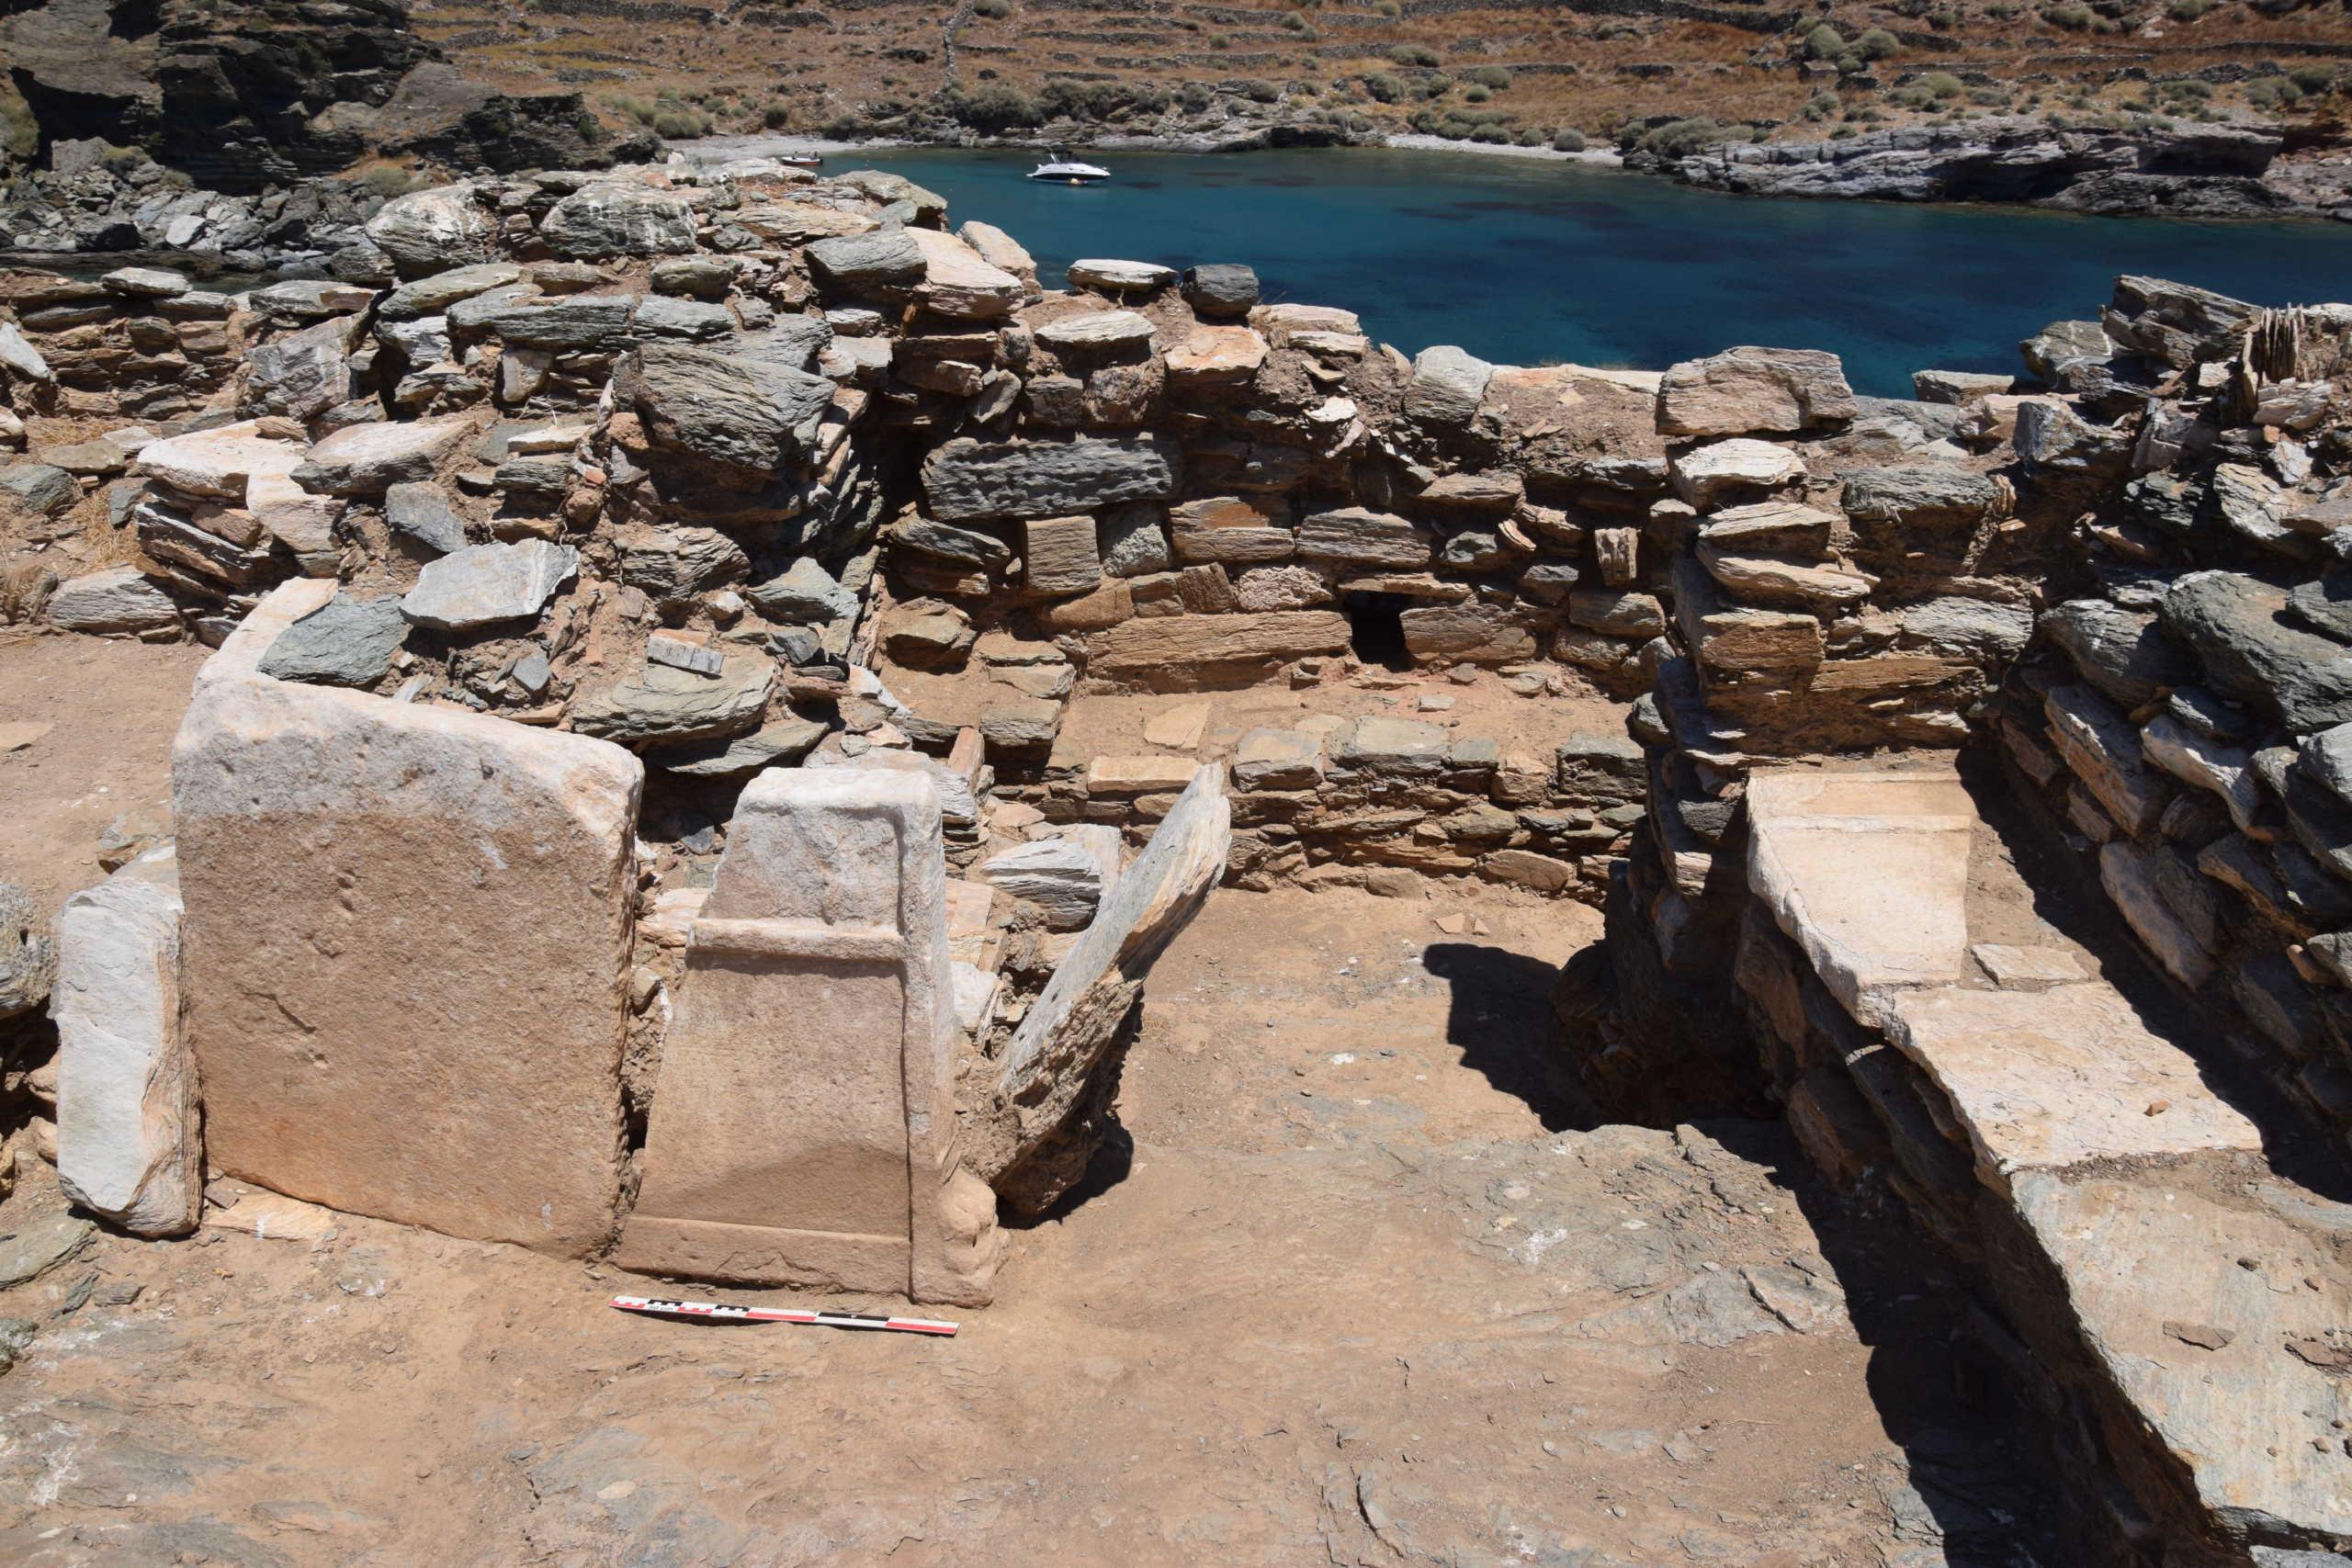 Κύθνος: Απίστευτες εικόνες - Τι διαπιστώνουν οι αρχαιολόγοι